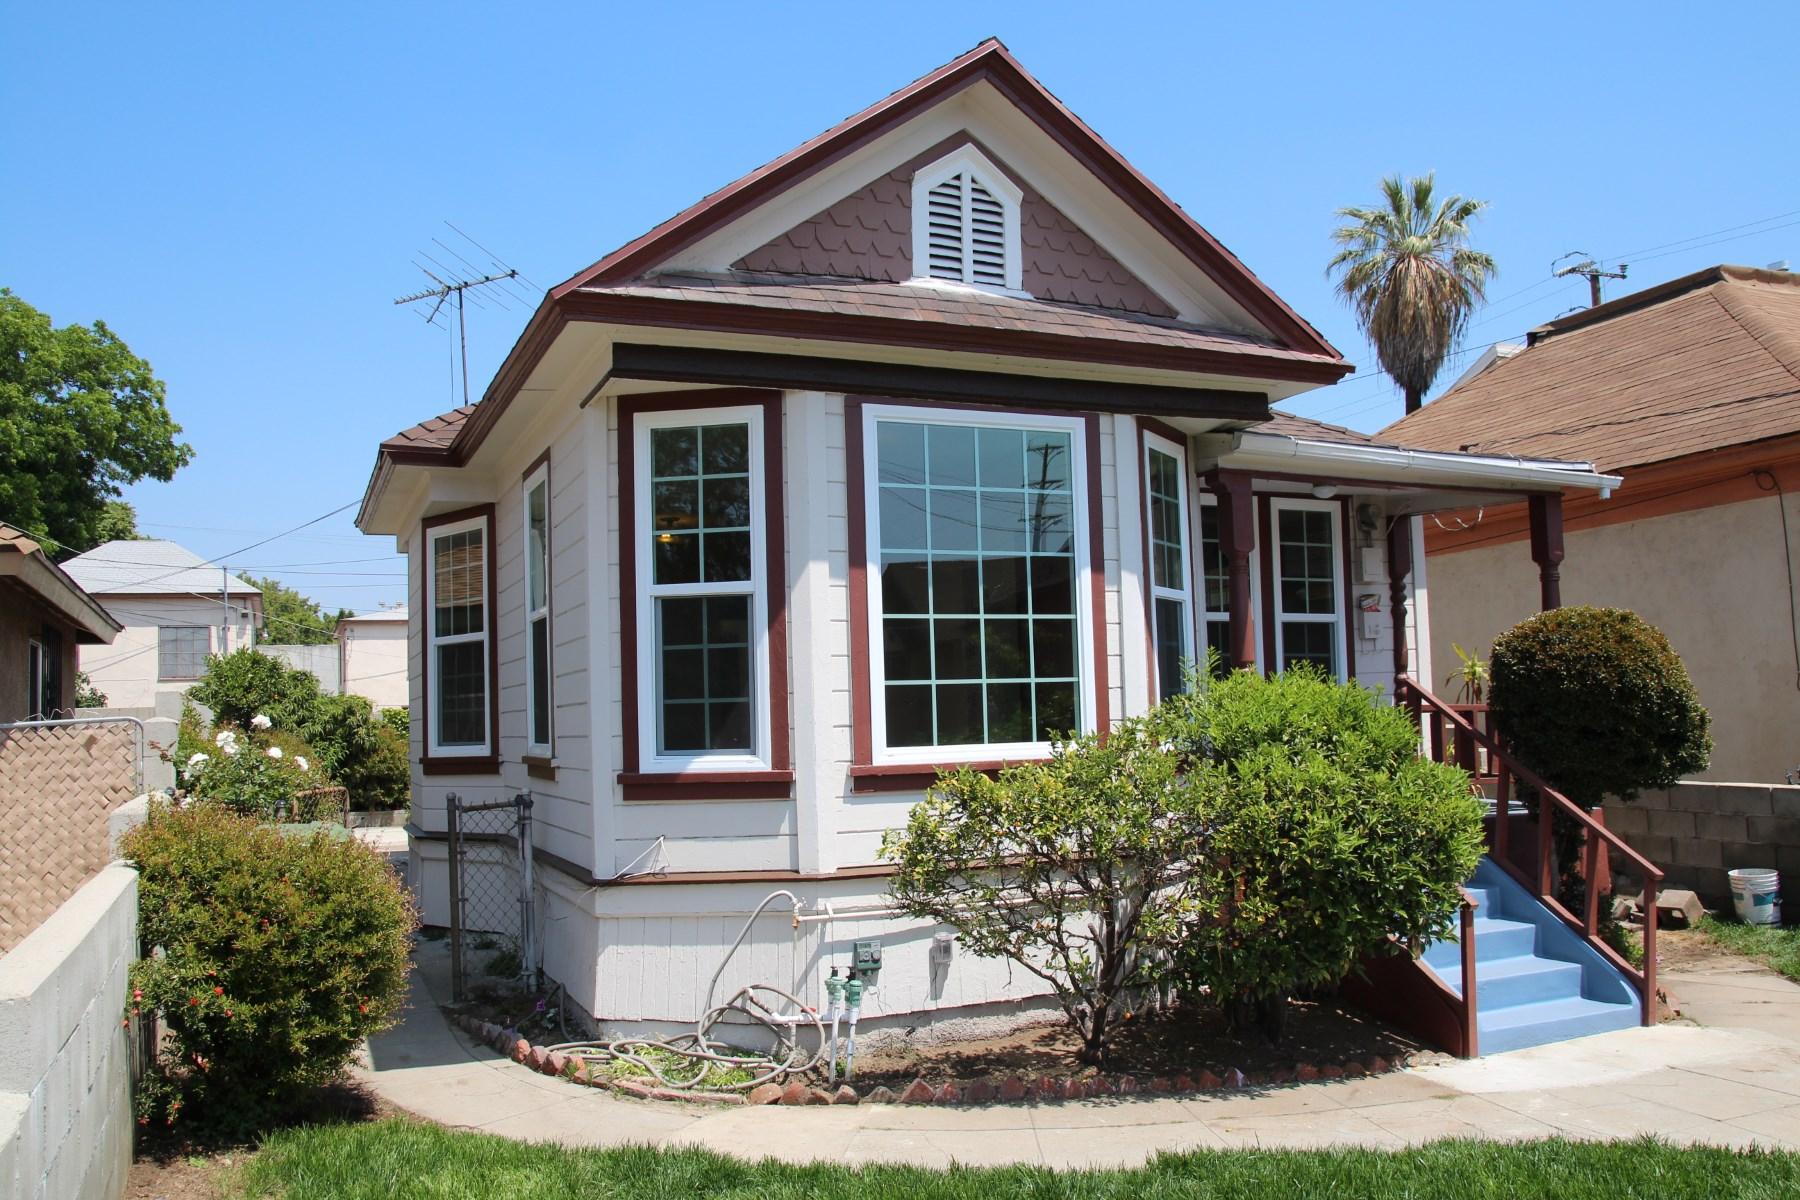 Tek Ailelik Ev için Satış at 244 South Avenue 24 Los Angeles, Kaliforniya 90031 Amerika Birleşik Devletleri